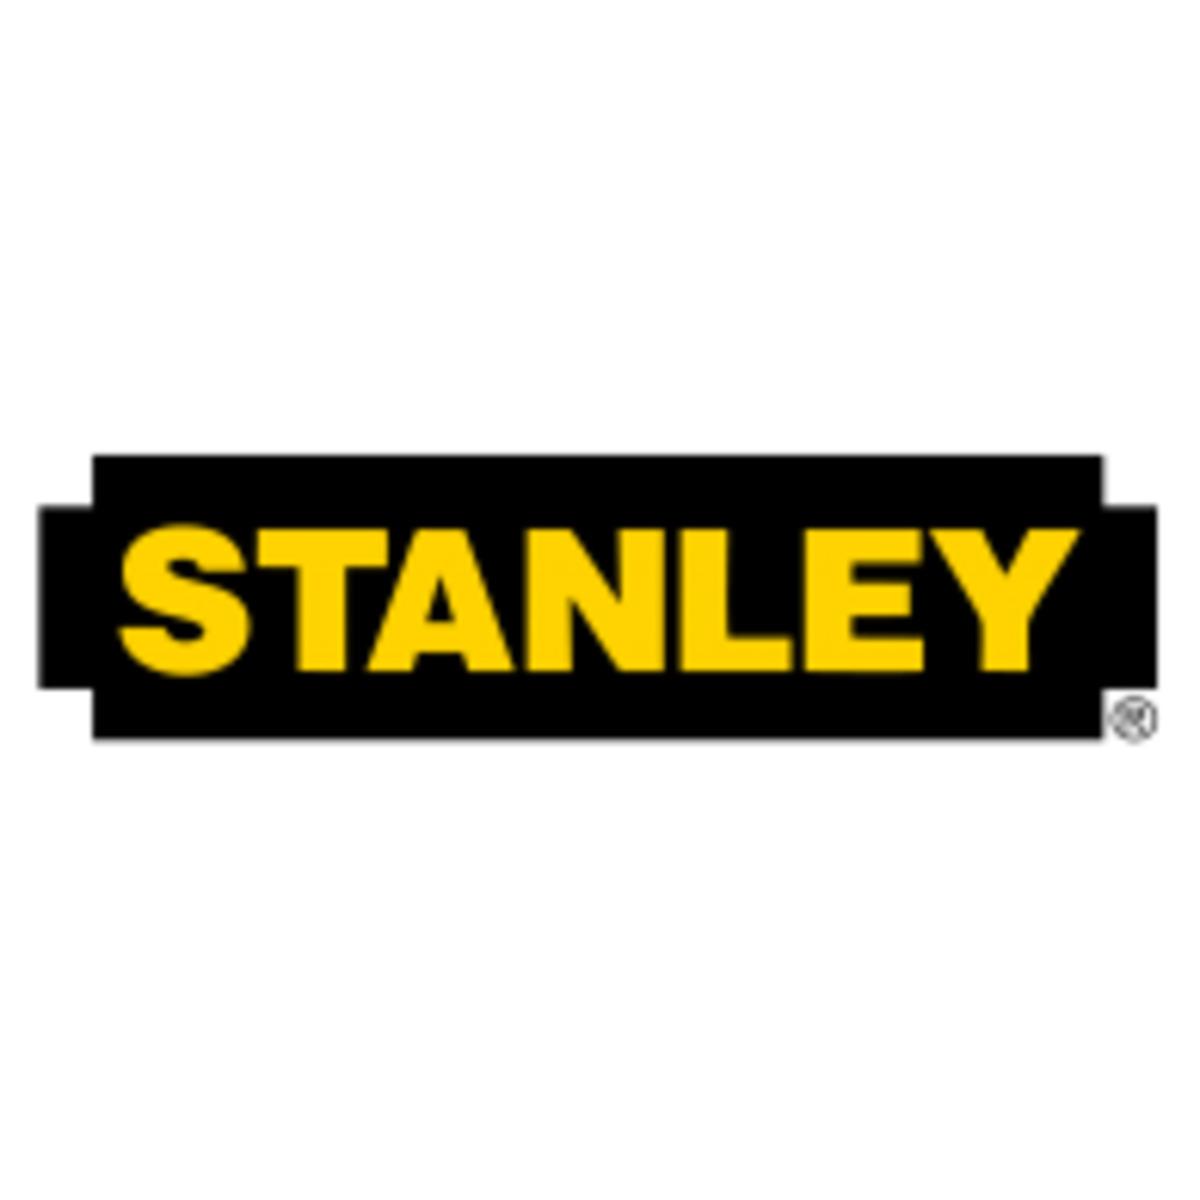 Bild 2 von Stanley Benzin-Rasenmäher SLM-196-510-SP